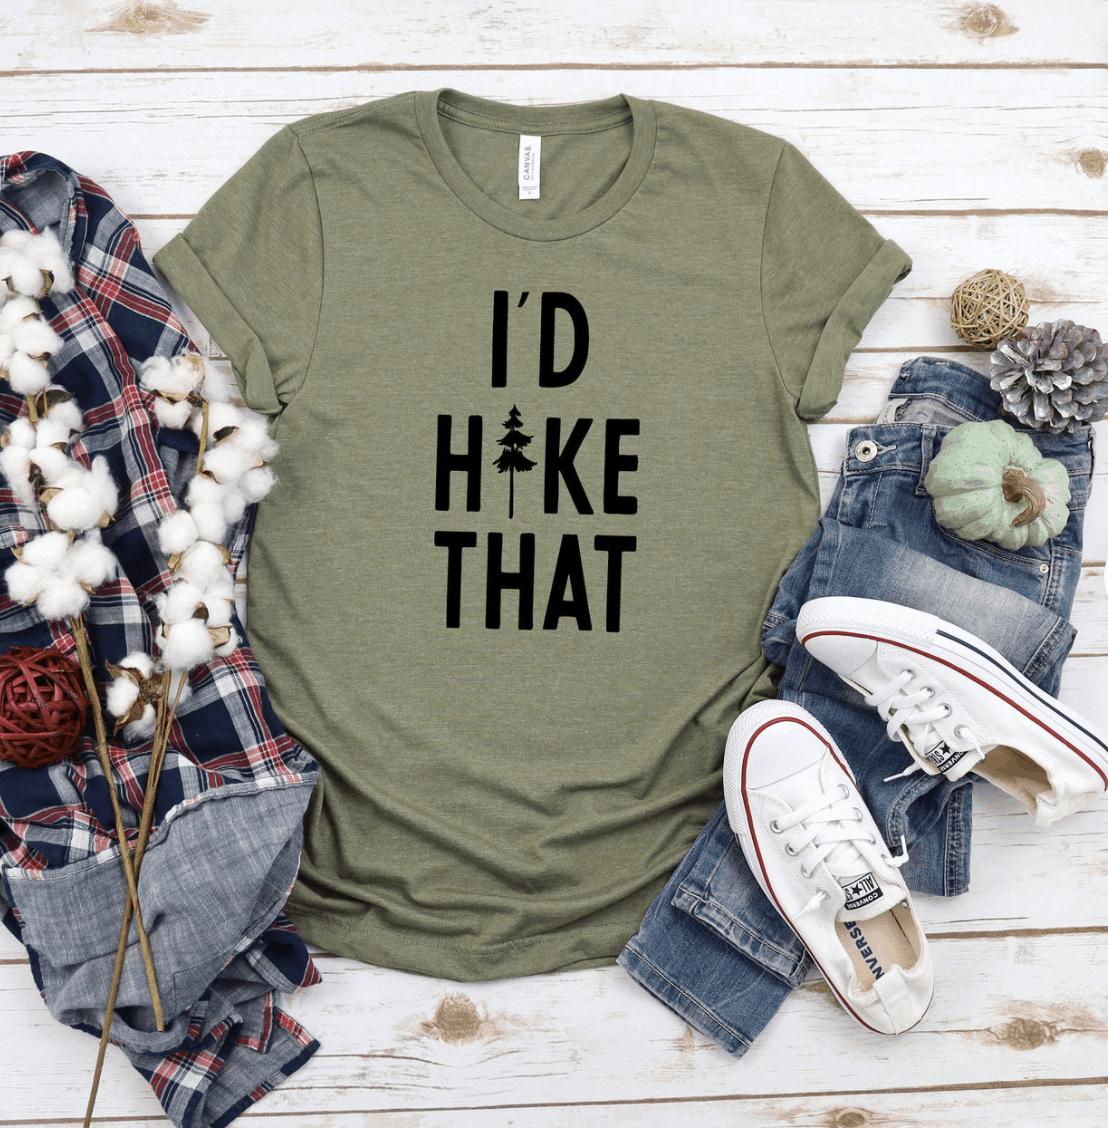 hiking tshirt